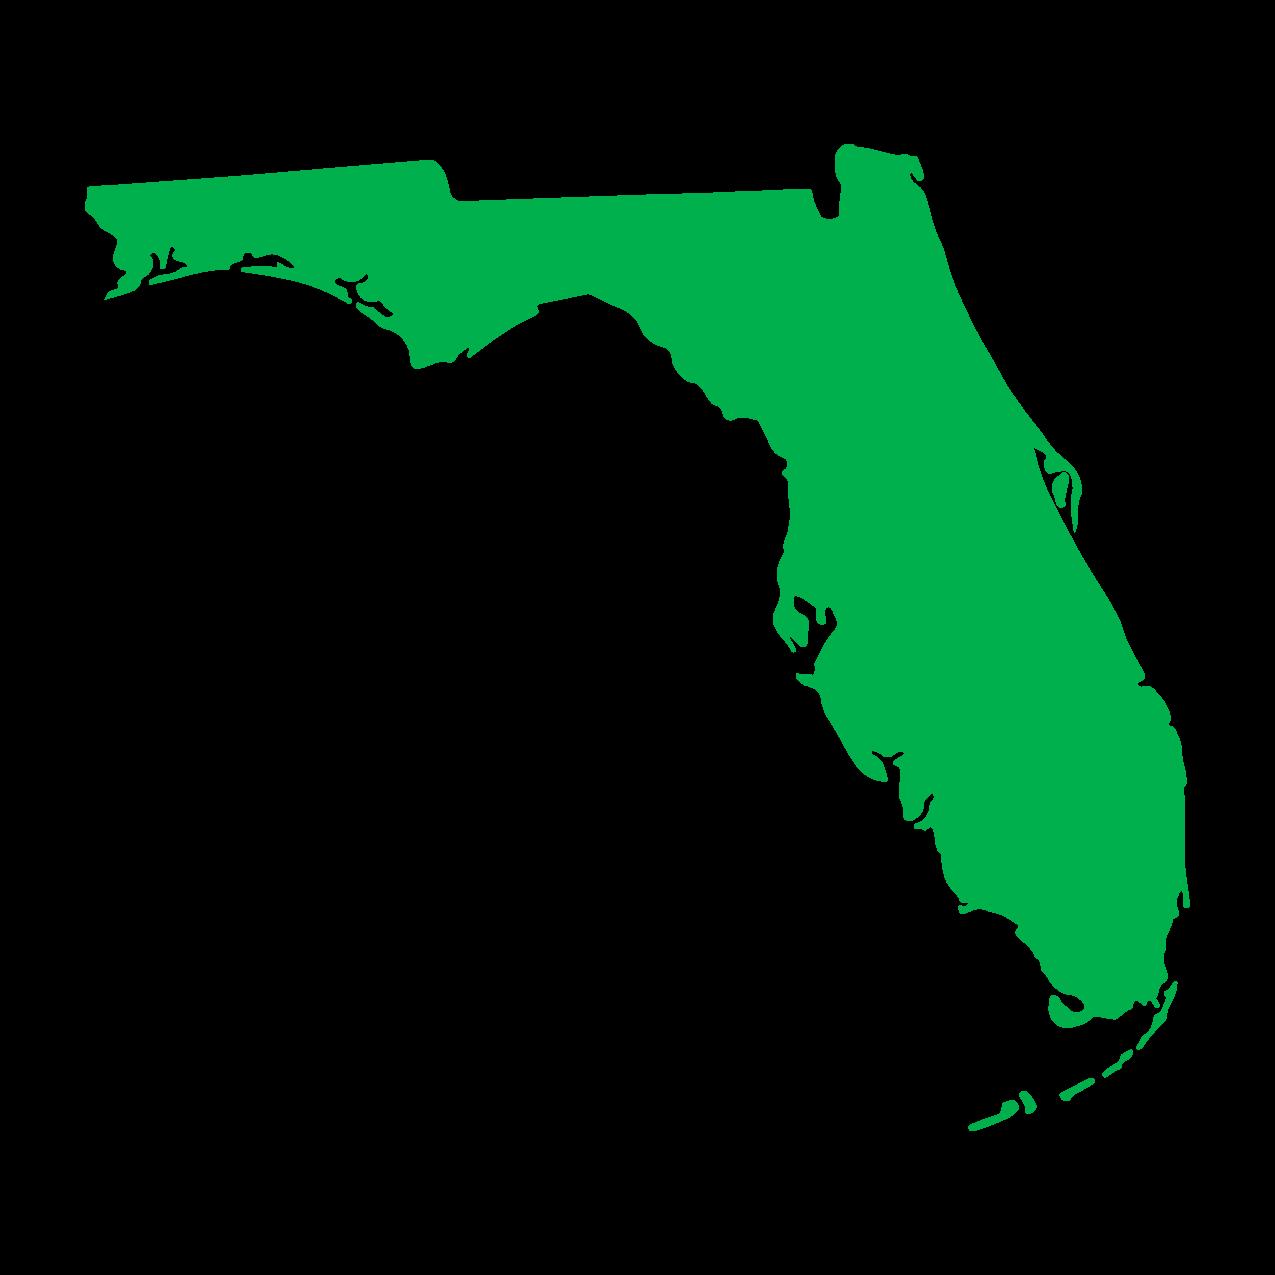 States_Florida.png